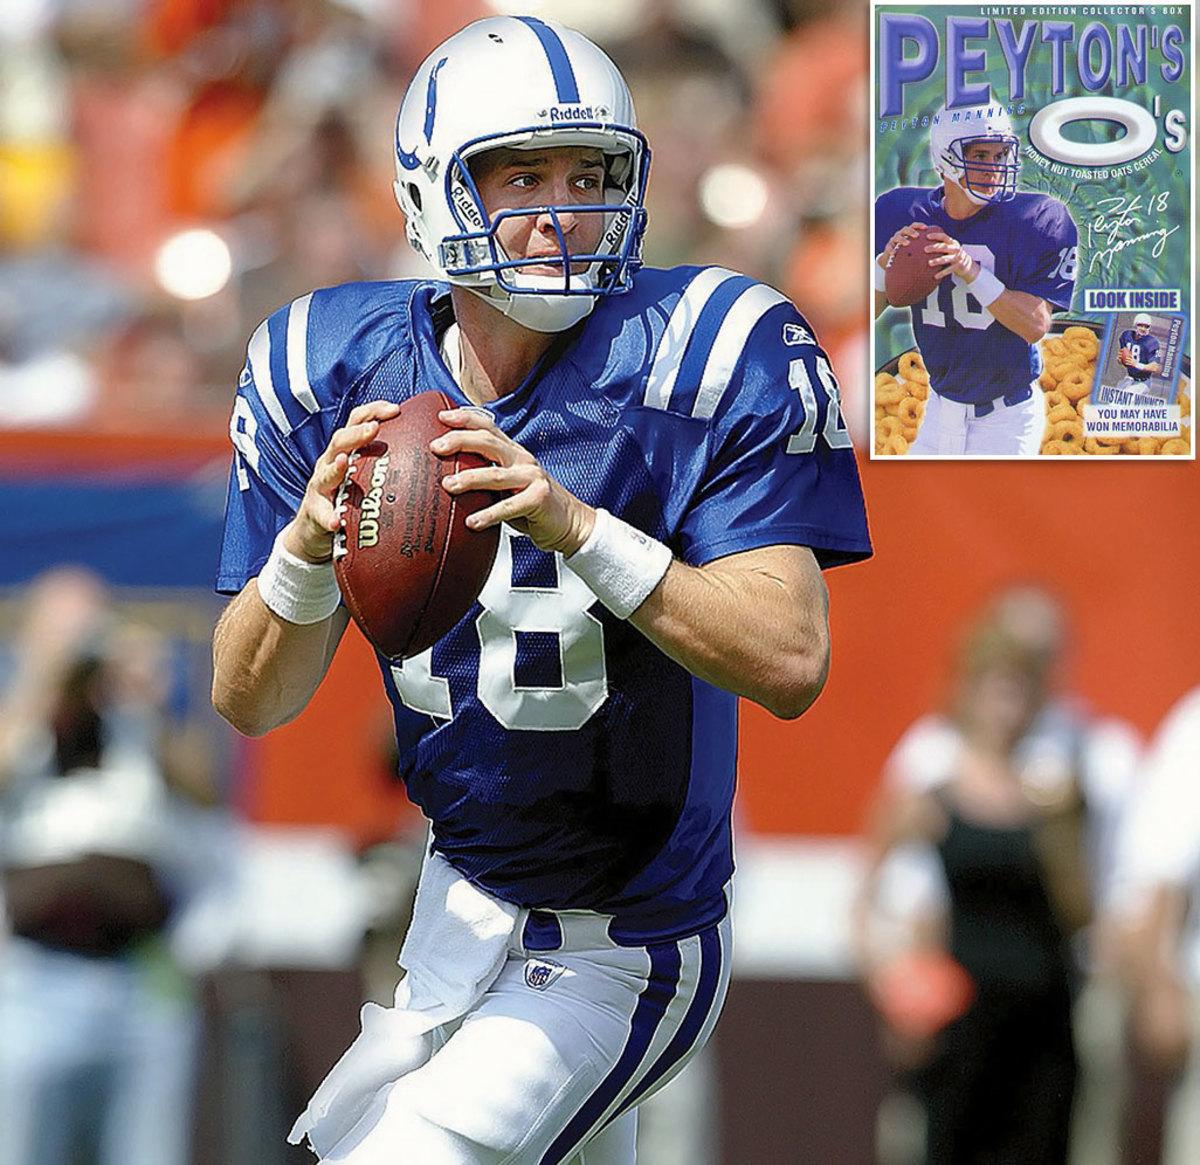 Peyton-Manning-001366288-Peytons-Os-cereal.jpg